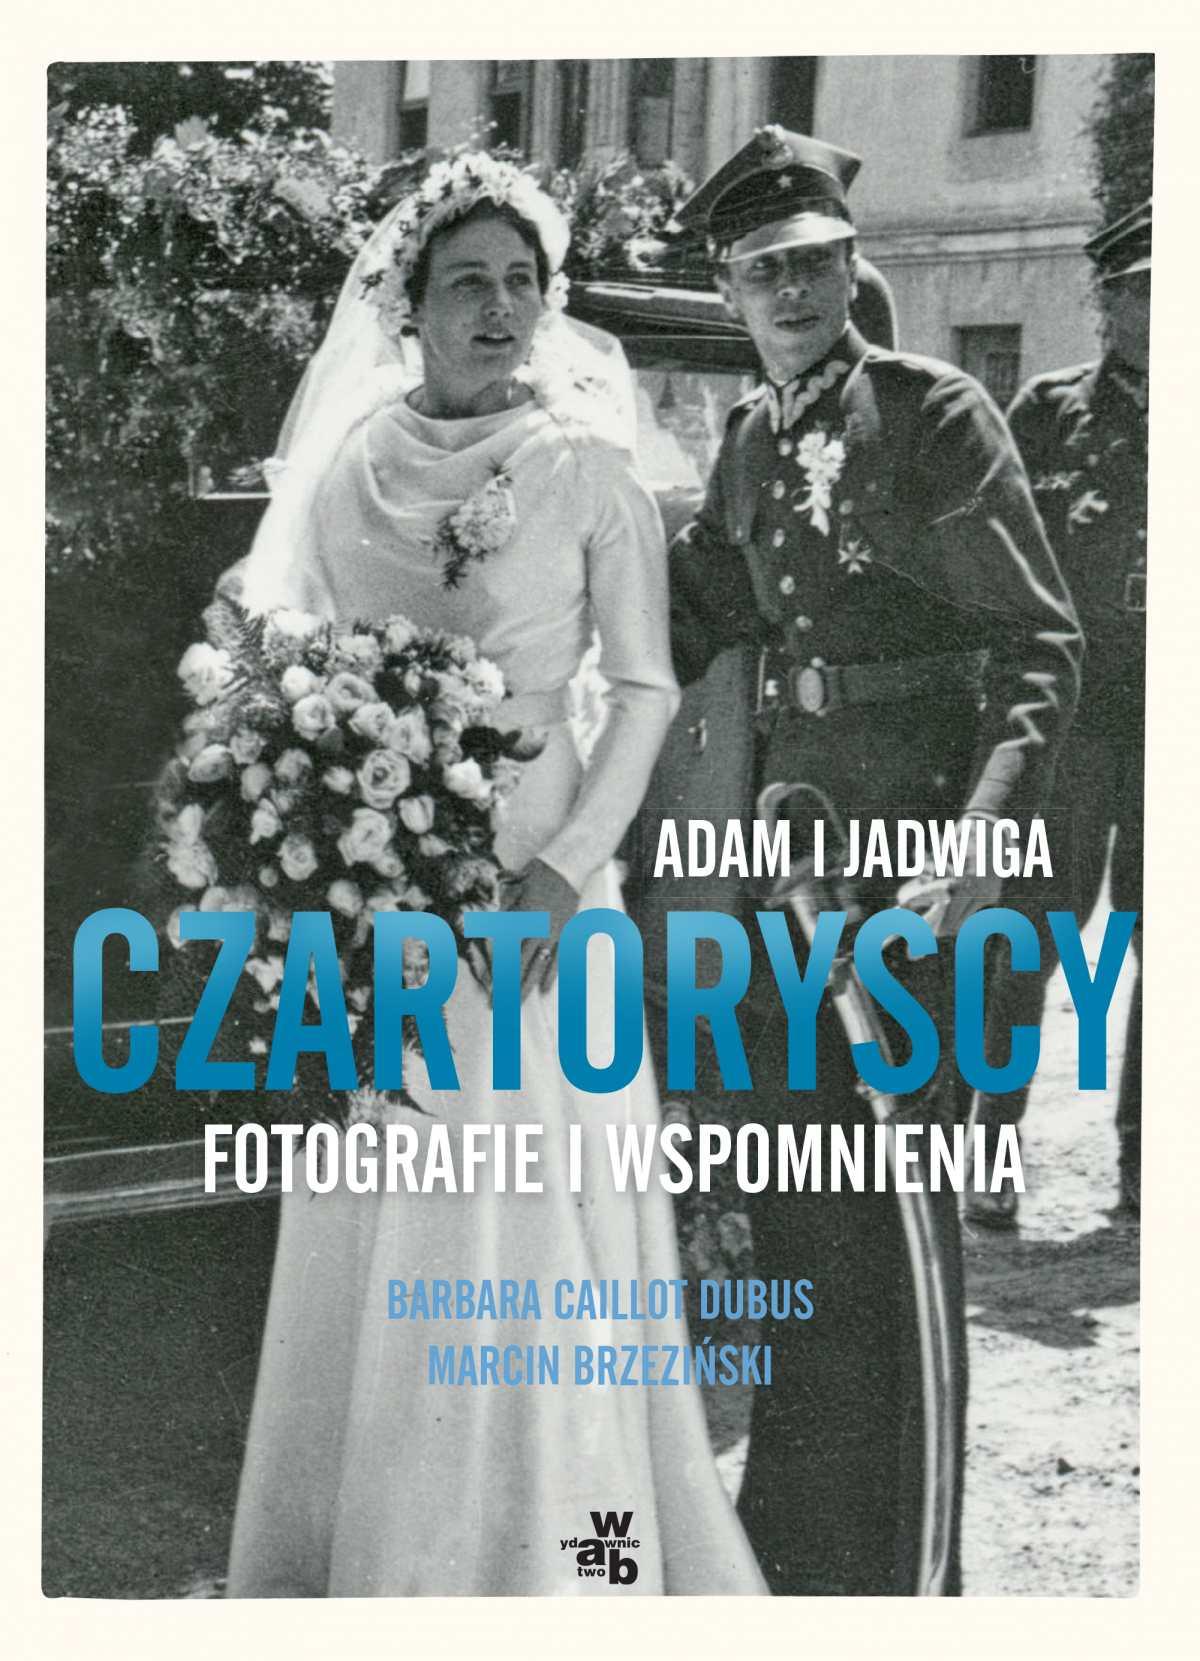 Adam i Jadwiga Czartoryscy. Fotografie i wspomnienia - Ebook (Książka EPUB) do pobrania w formacie EPUB